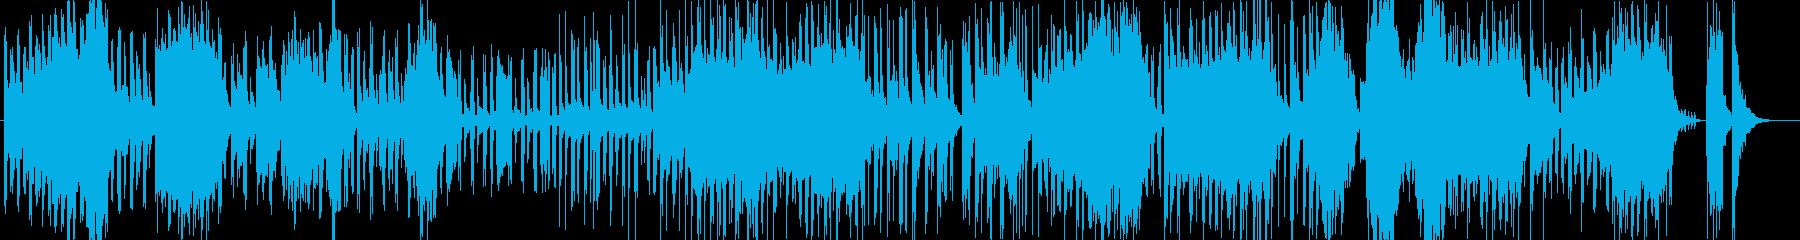 小気味好いリズムで明るく可愛いポップな曲の再生済みの波形